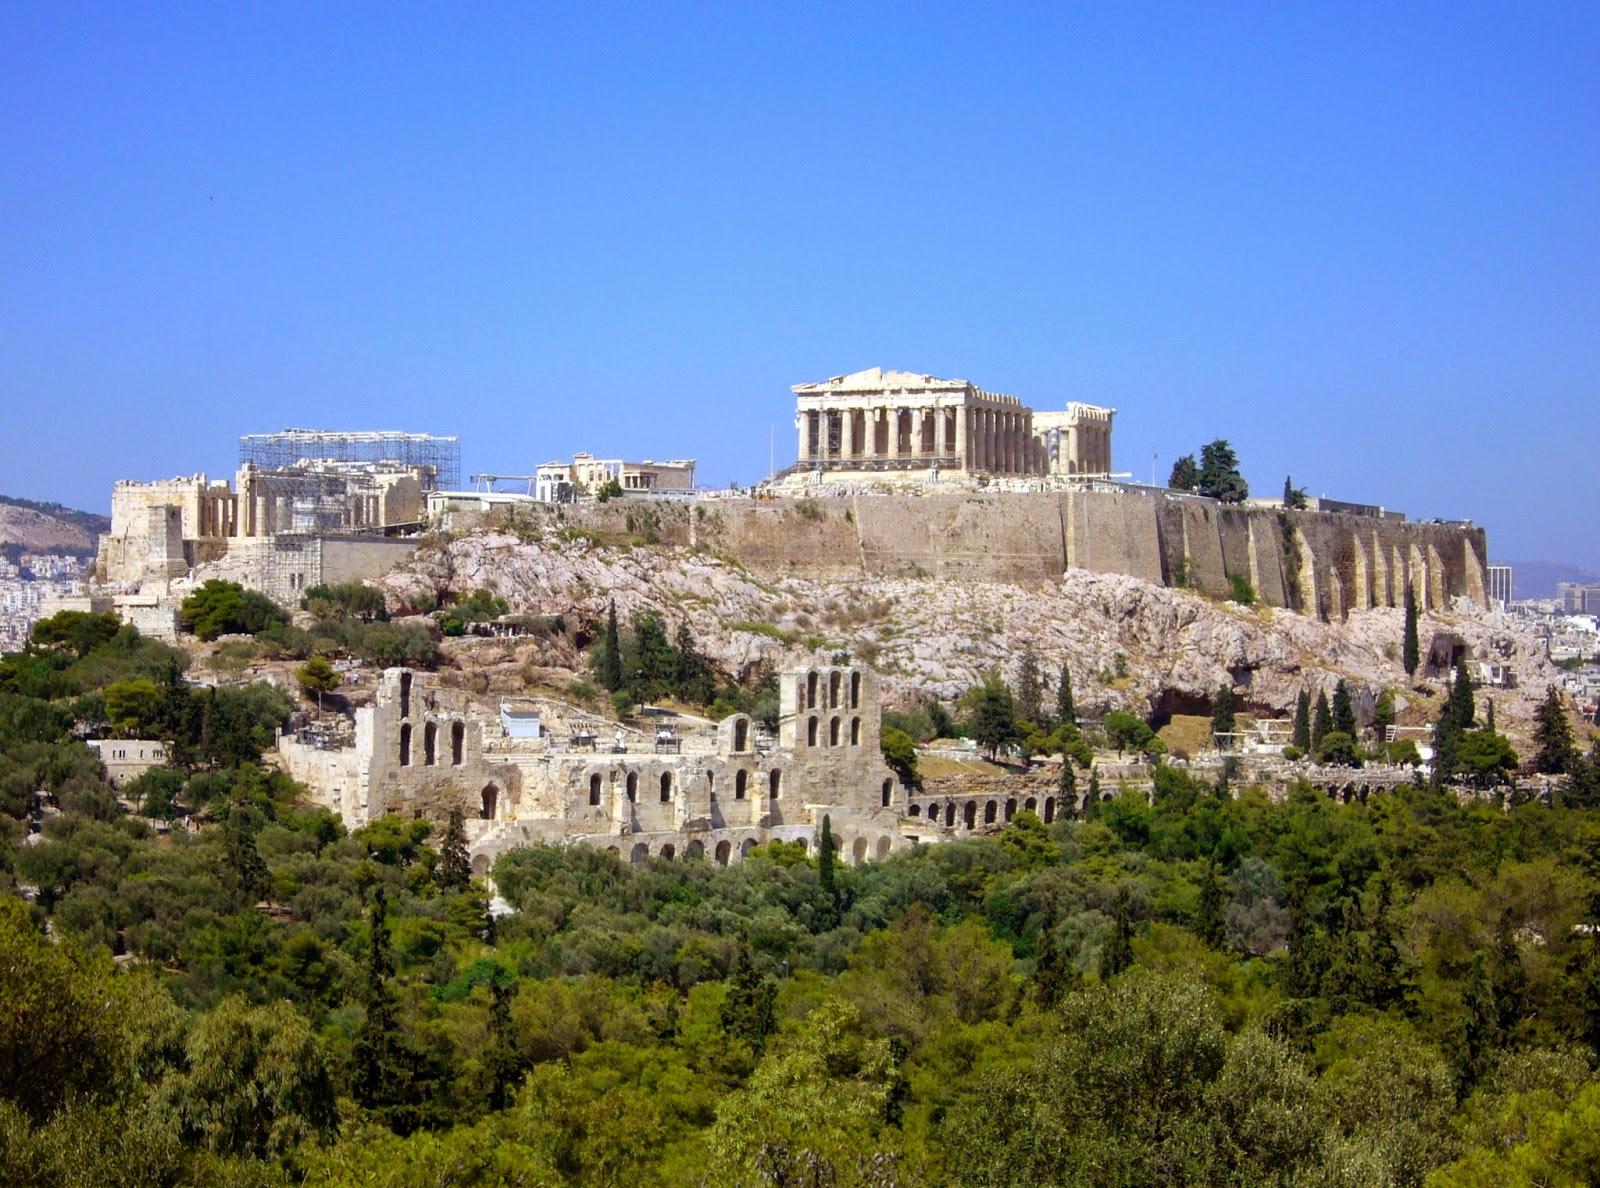 La Acrópolis de Atenas, conocida como «la roca sagrada», es la joya de la  Grecia clásica. Sus templos han maravillado al mundo durante siglos y han  dejado ...